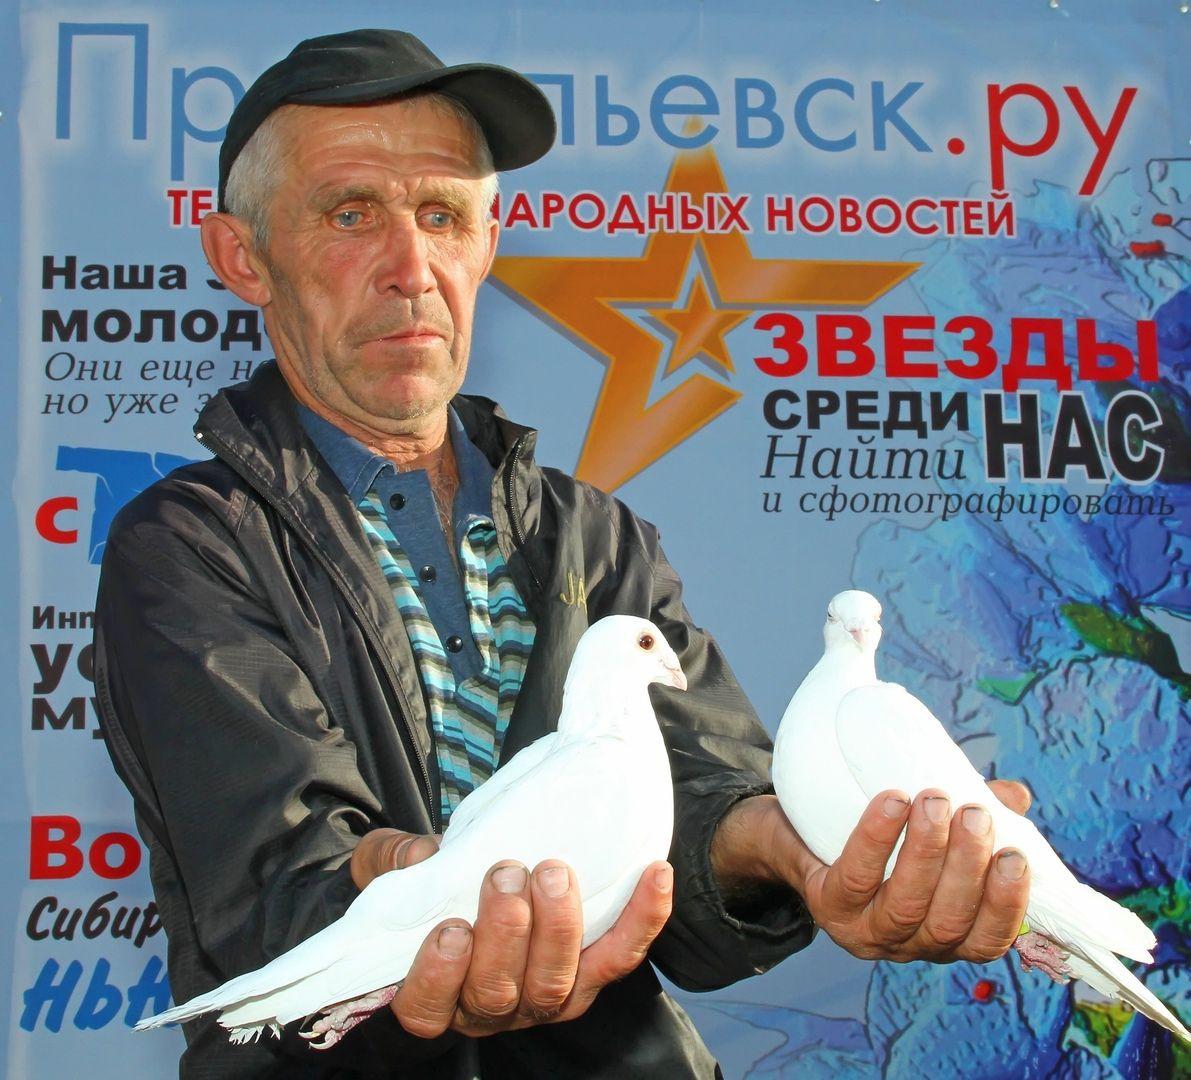 День города-2018: Снимки из фотозоны Прокопьевск.ру опубликованы